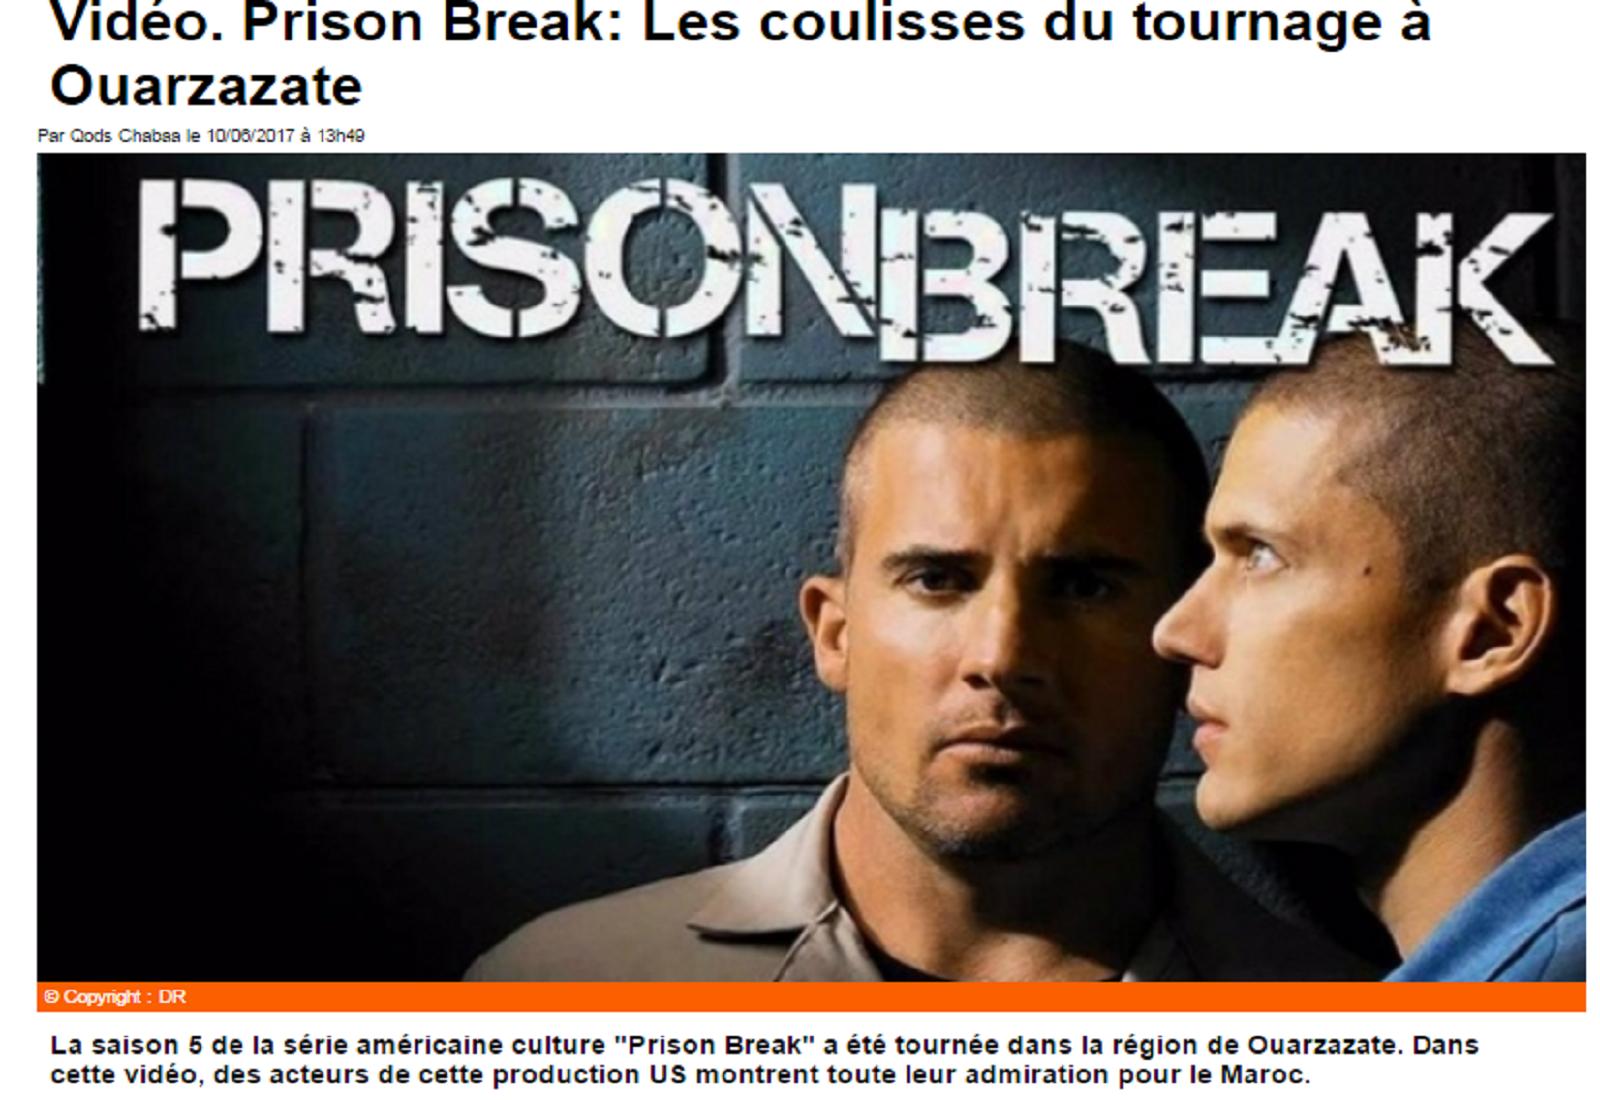 Prison Break: Les coulisses du tournage à Ouarzazate